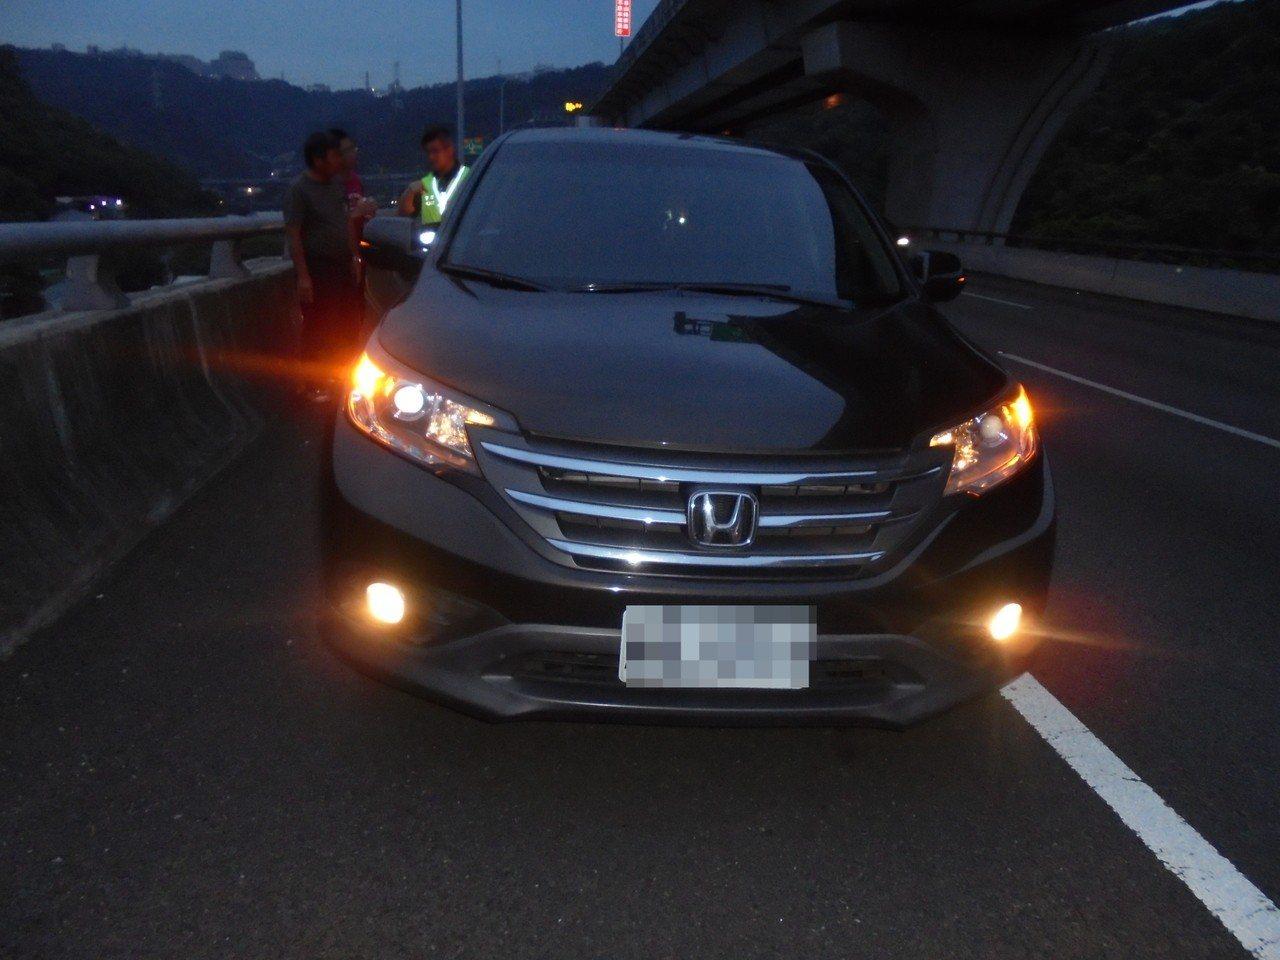 行駛在外側車道的休旅車也閃避不及,輾過躺在車道上的柯男身體。記者林昭彰/翻攝